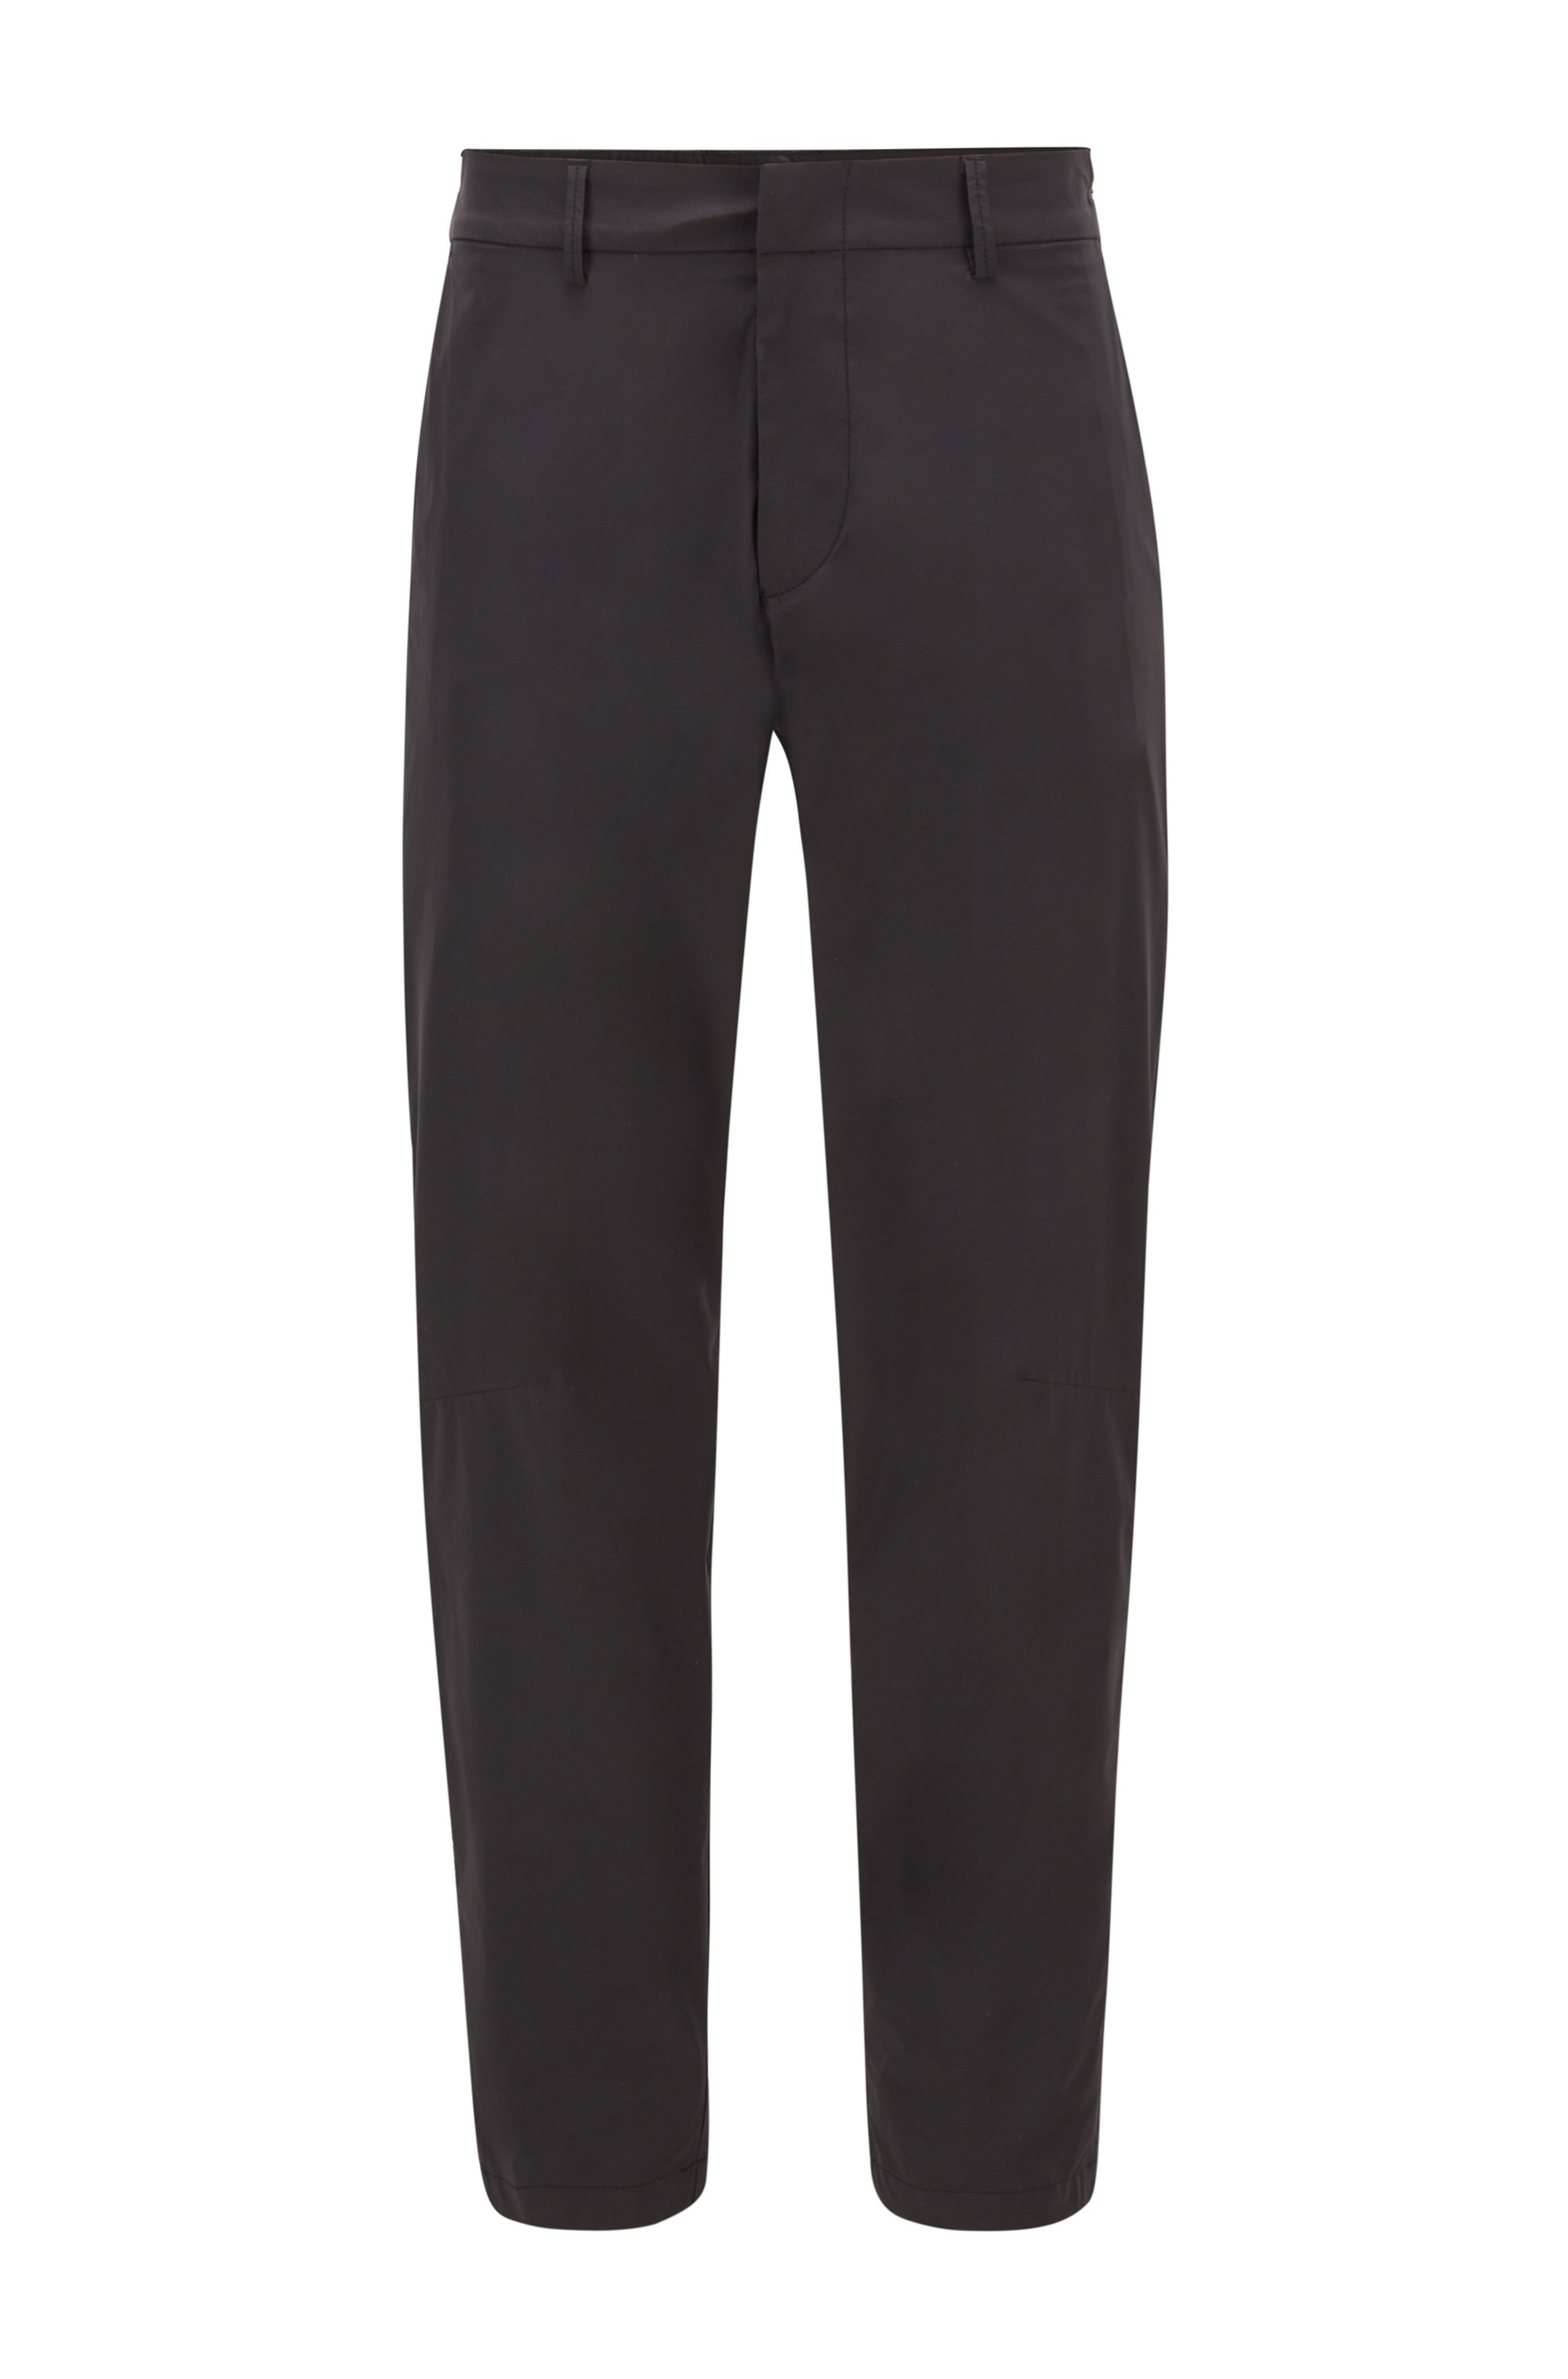 Pantalon Slim Fit en tissu stretch déperlant, Noir